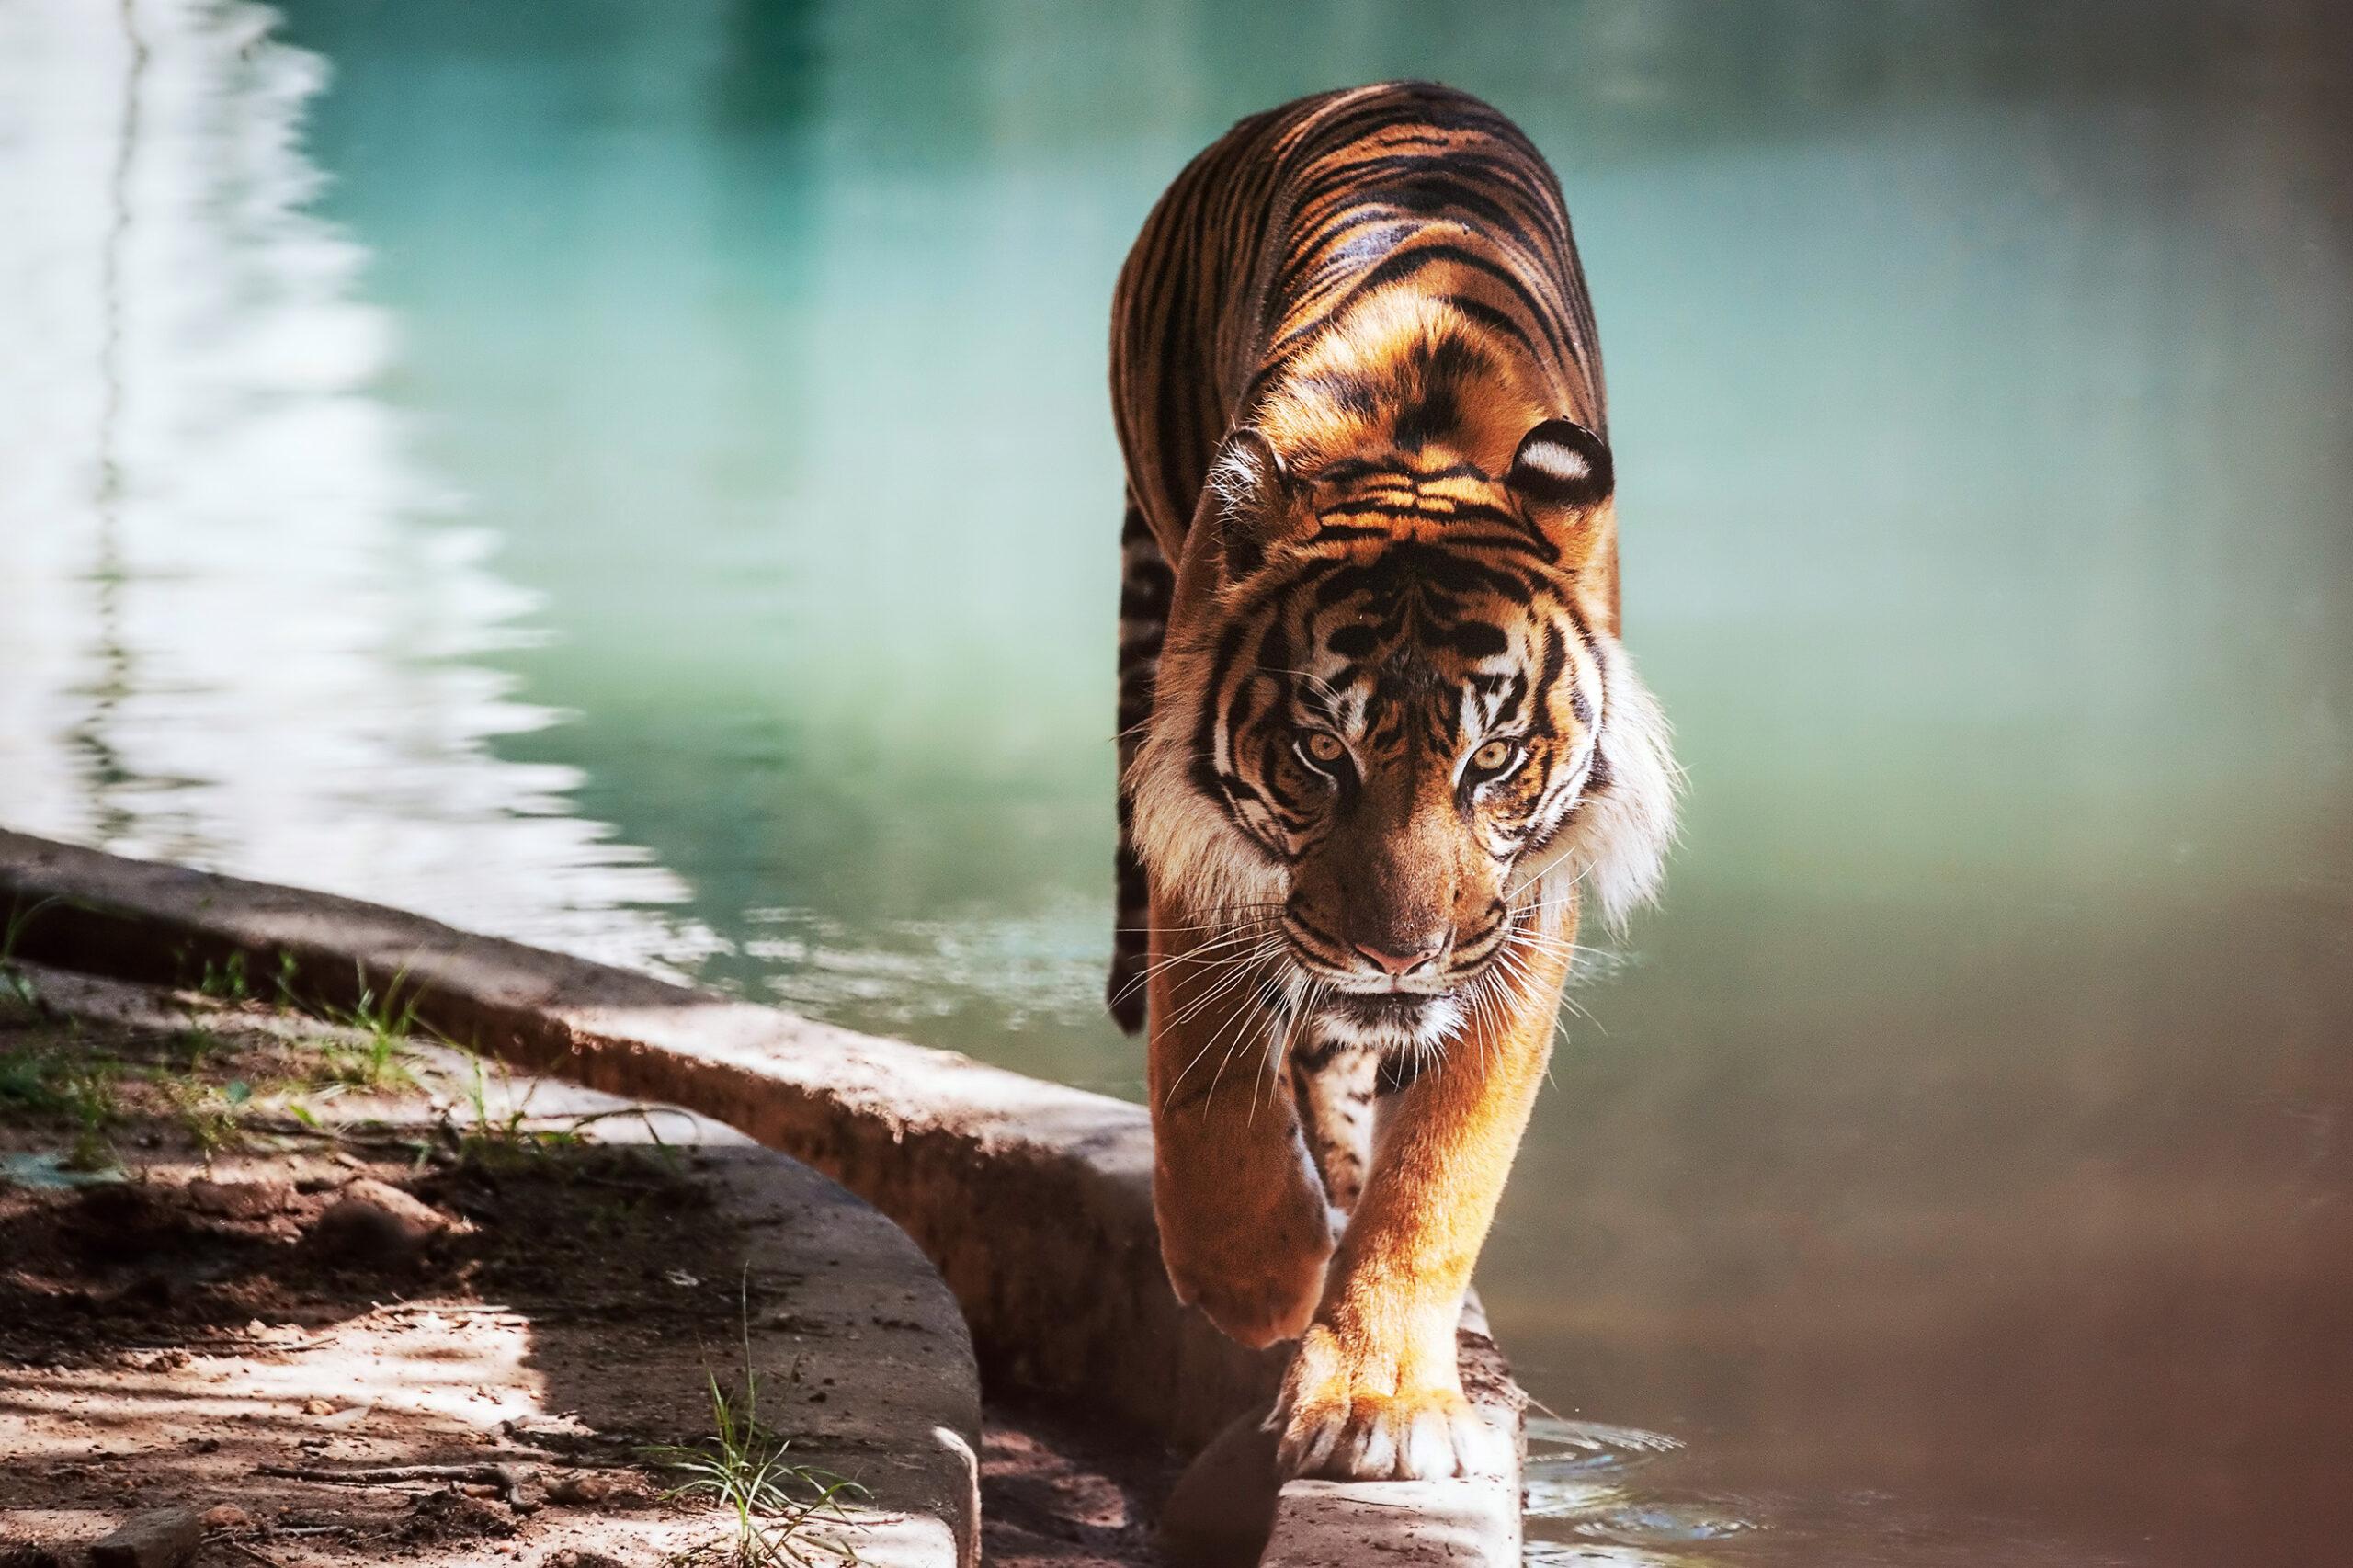 Amur tiger at Smithsonian Zoo in Washington DC.